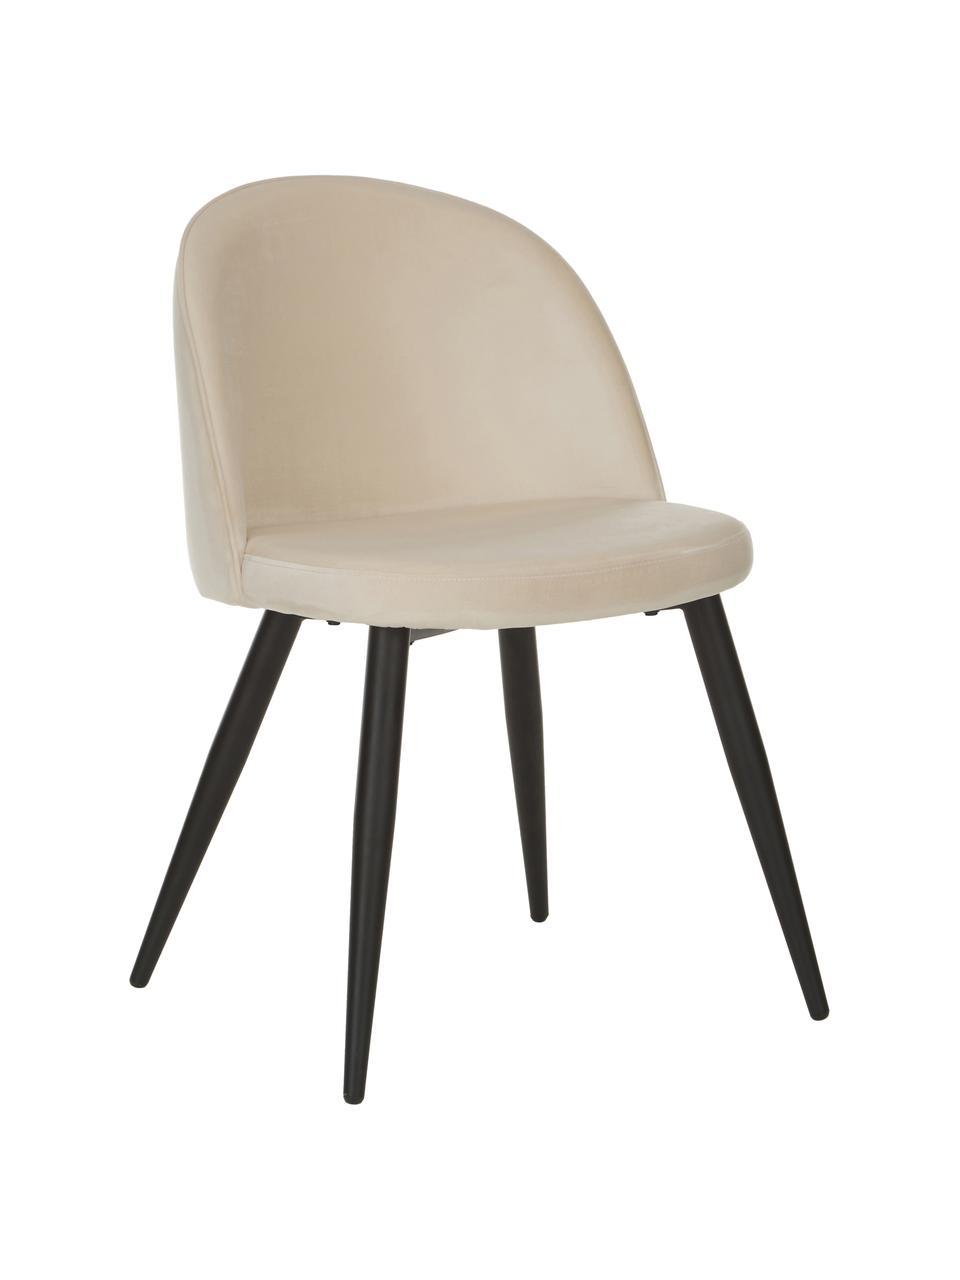 Krzesło tapicerowane z aksamitu  Amy, 2 szt., Tapicerka: aksamit (poliester) Dzięk, Nogi: metal malowany proszkowo, Kremowobiały, S 51 x G 55 cm